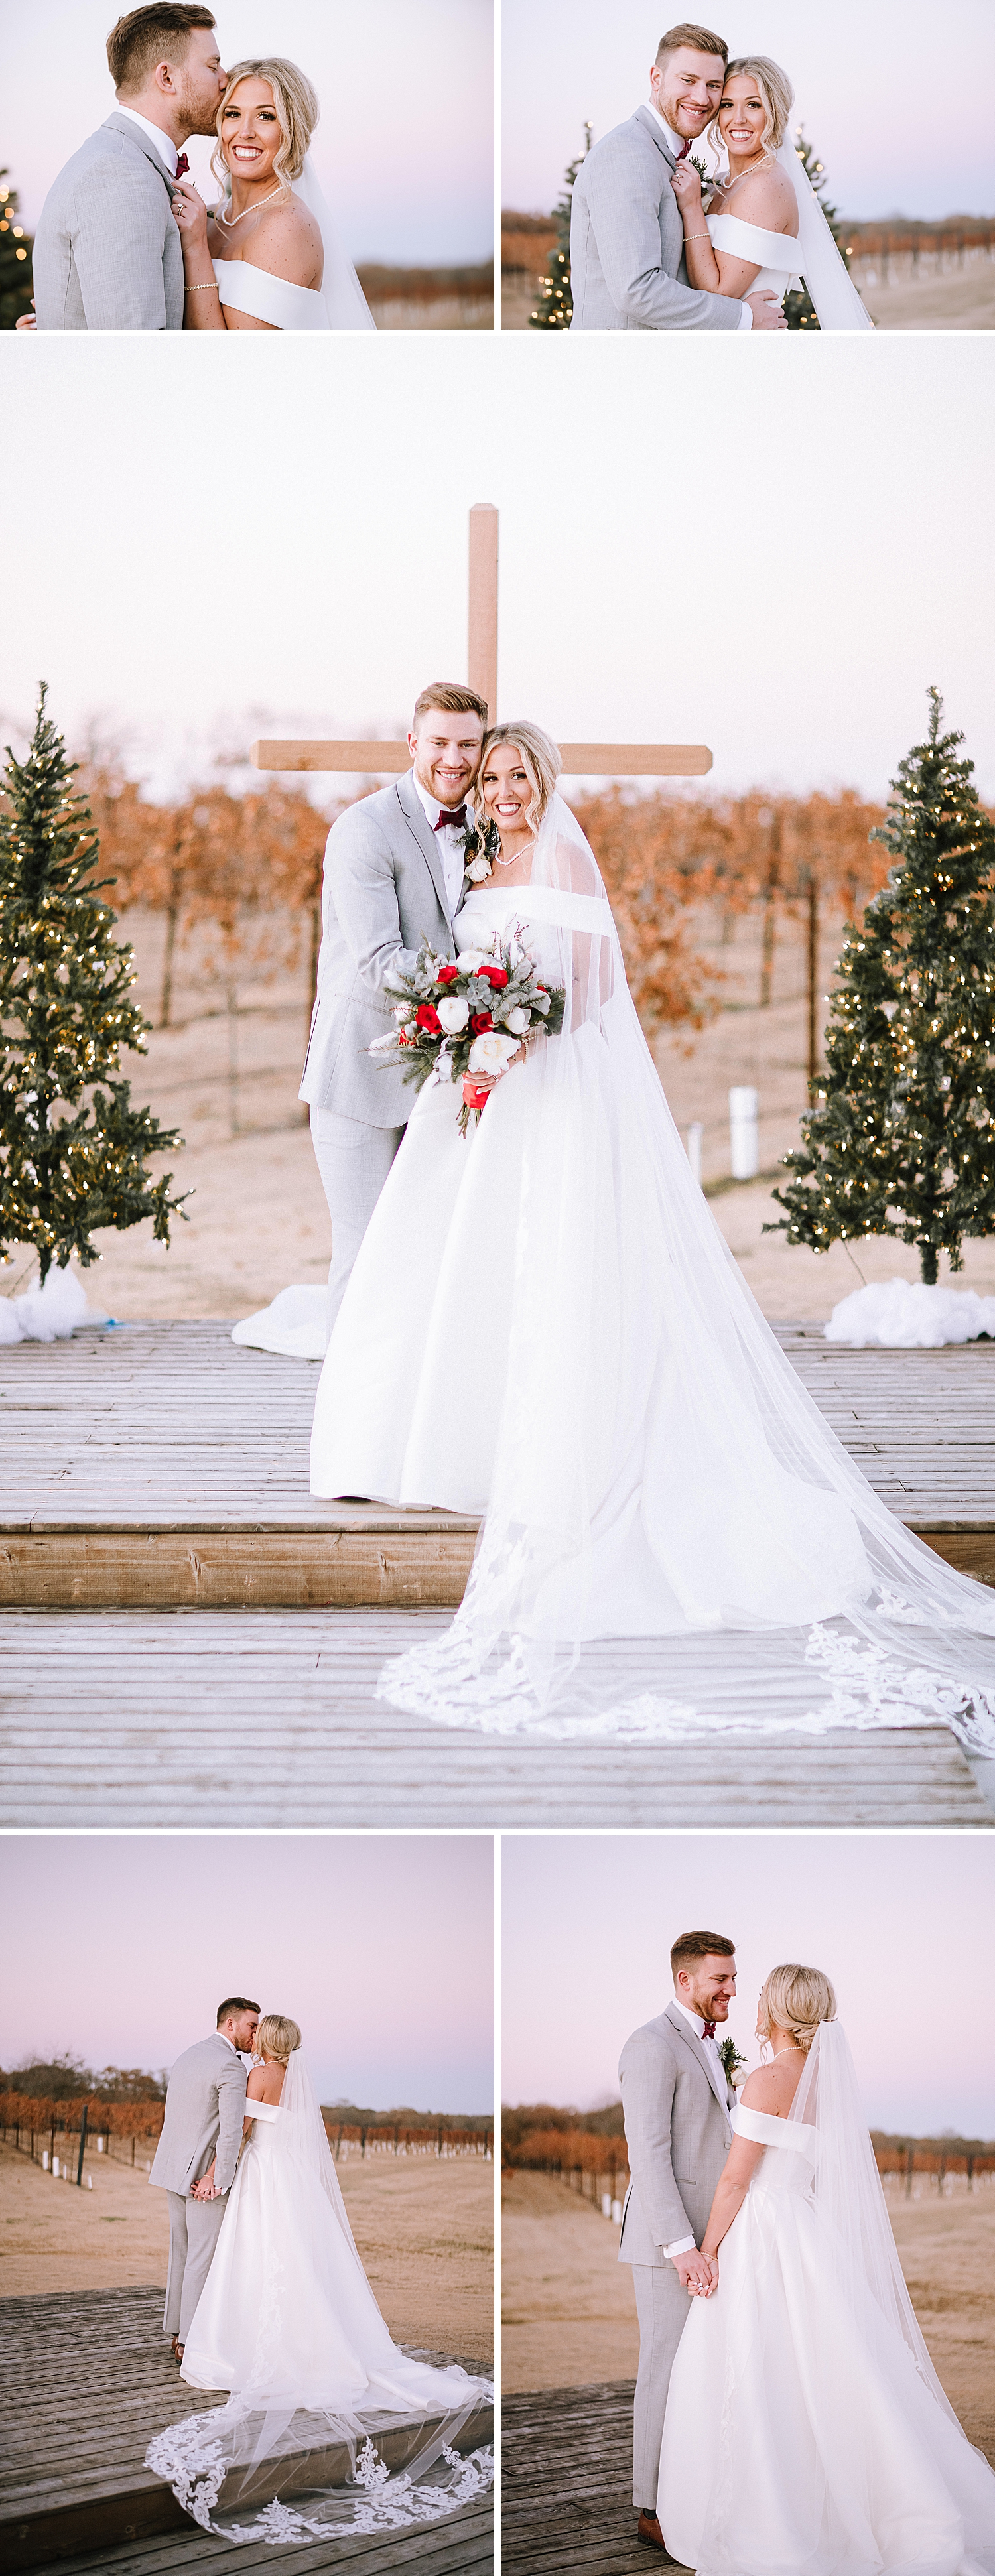 College-Station-Aggie-Wedding-The-Weinberg-at-Wixon-Valley-Christmas-Hallmark-Wedding_0071.jpg